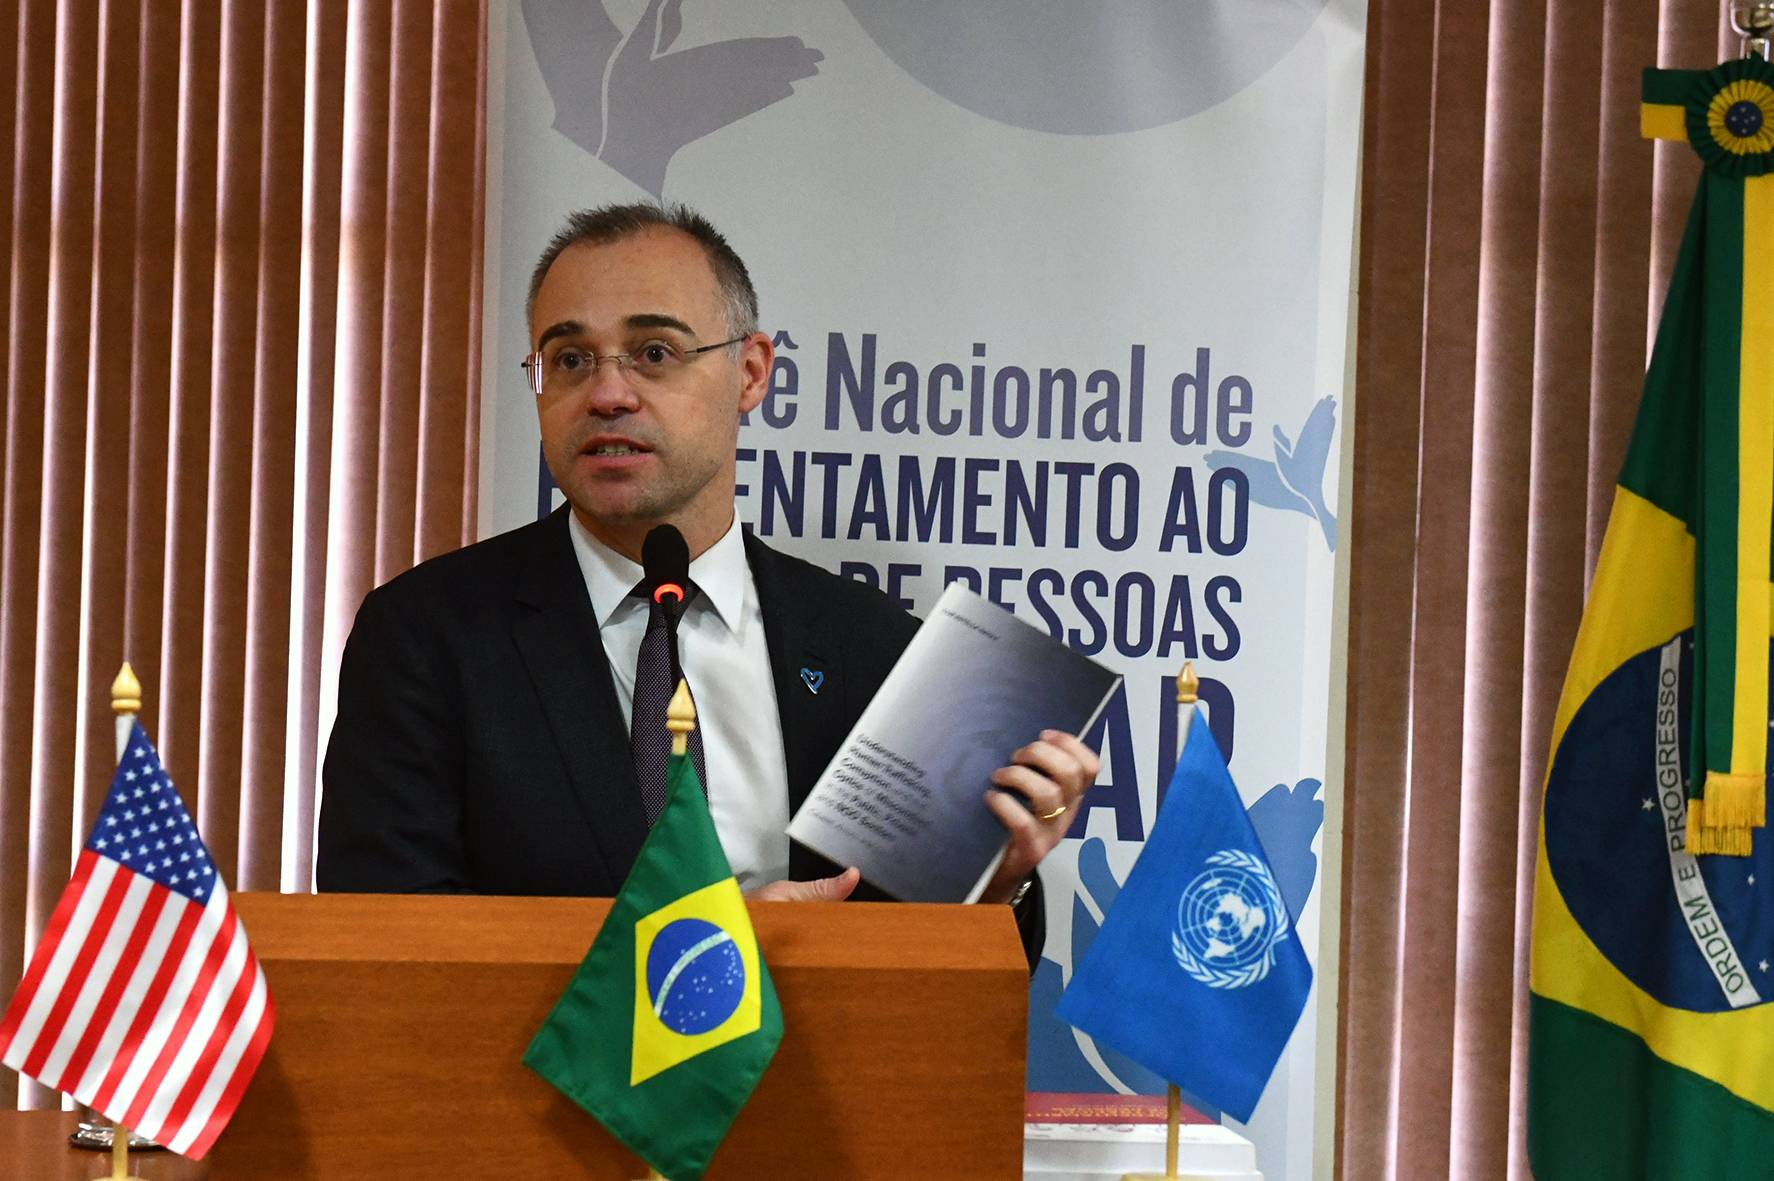 """Ministro da Justiça, André Mendonça, tem a seu favor o fato de ser """"terrivelmente evangélico""""."""